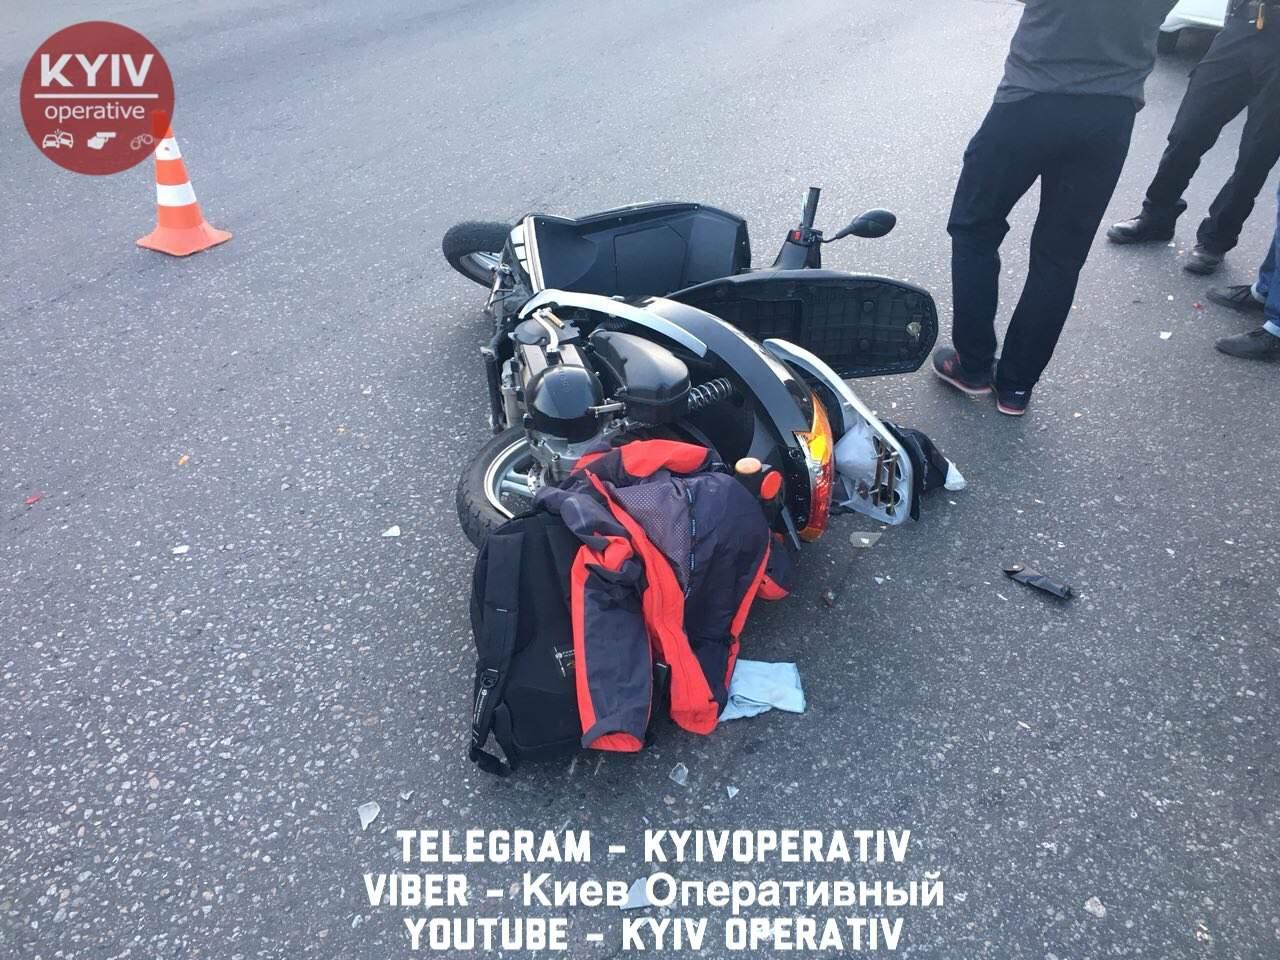 В Киеве водитель микроавтобуса сбил мотоциклиста (фото)